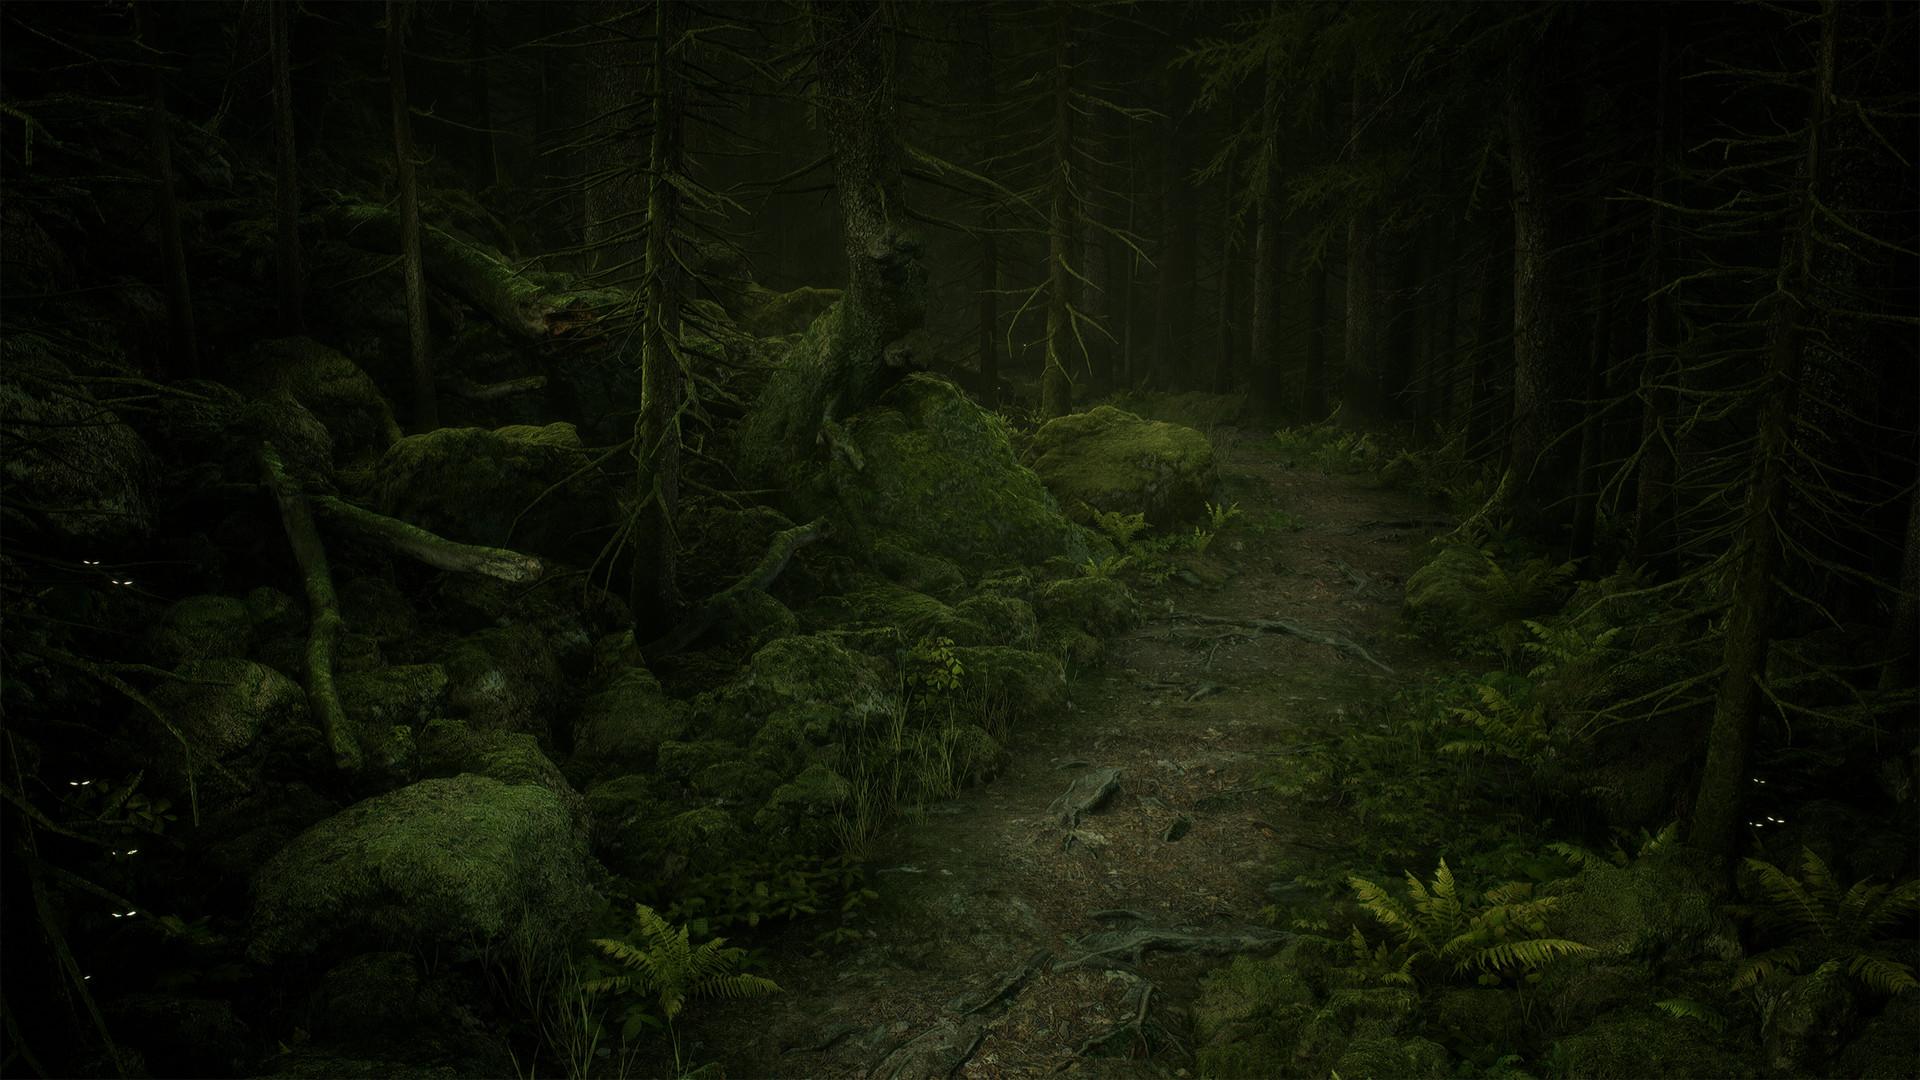 ArtStation - The Deep Woods, Robert Berg